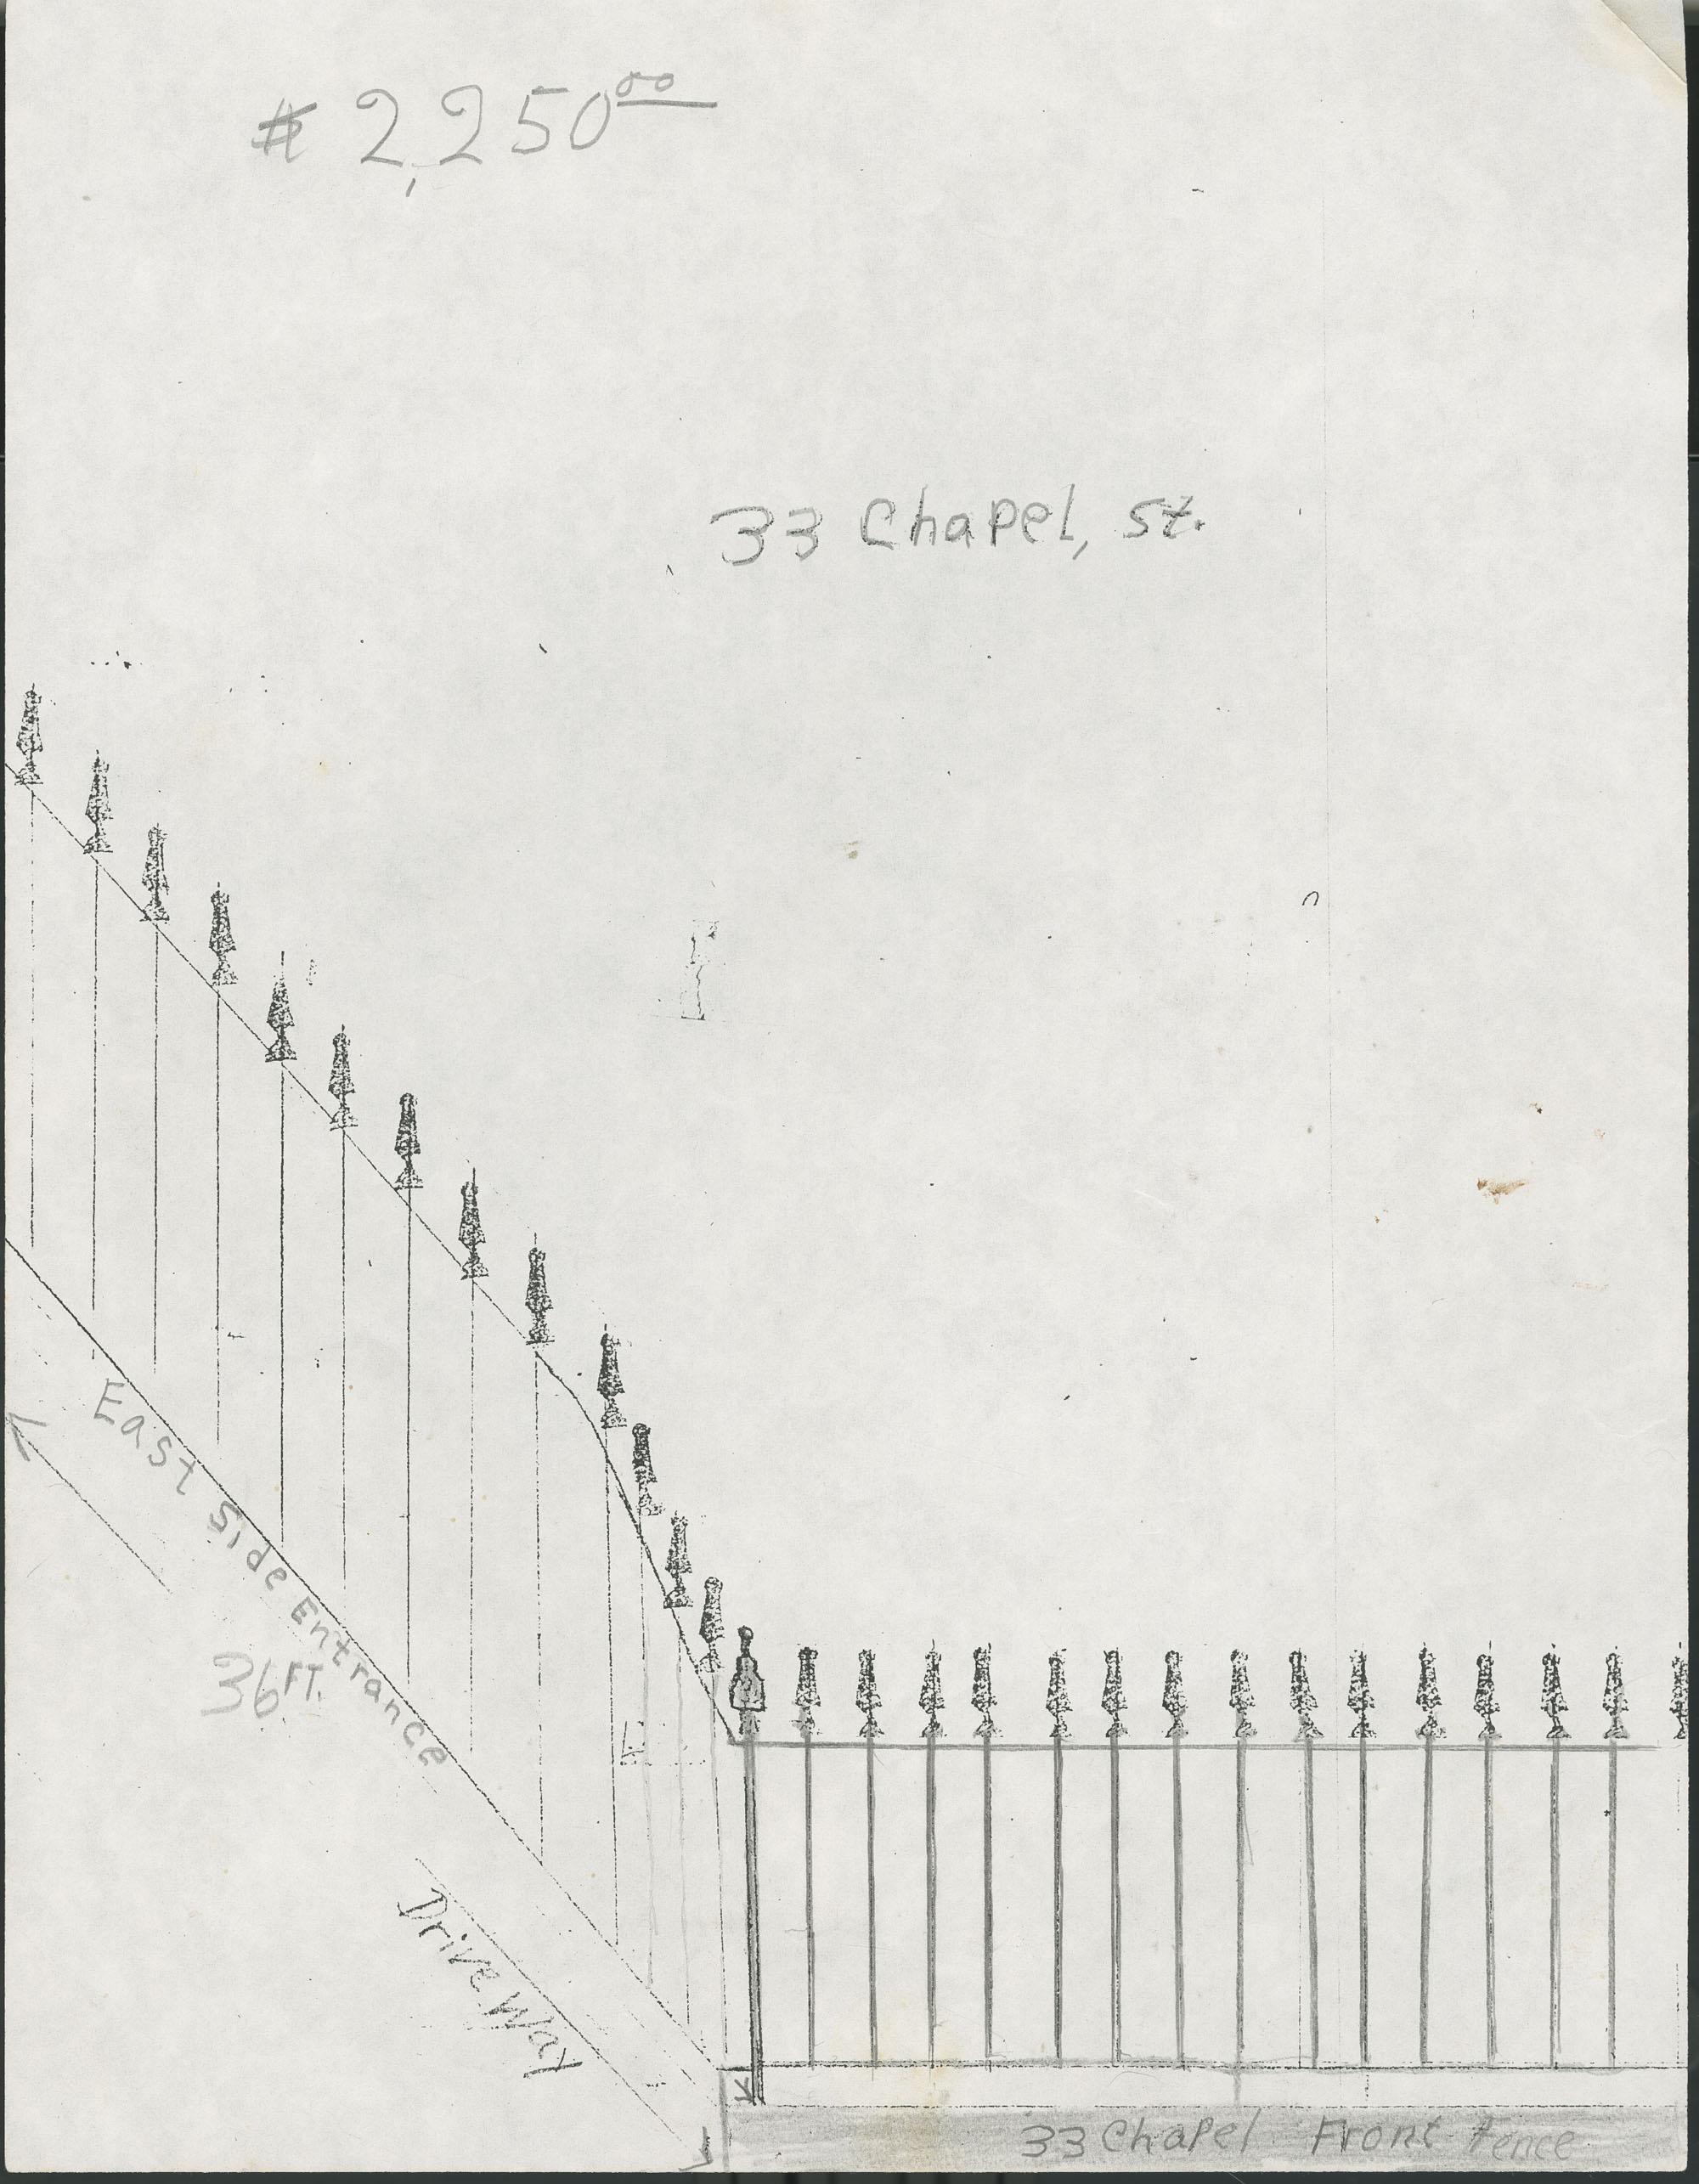 33 Chapel Street fence